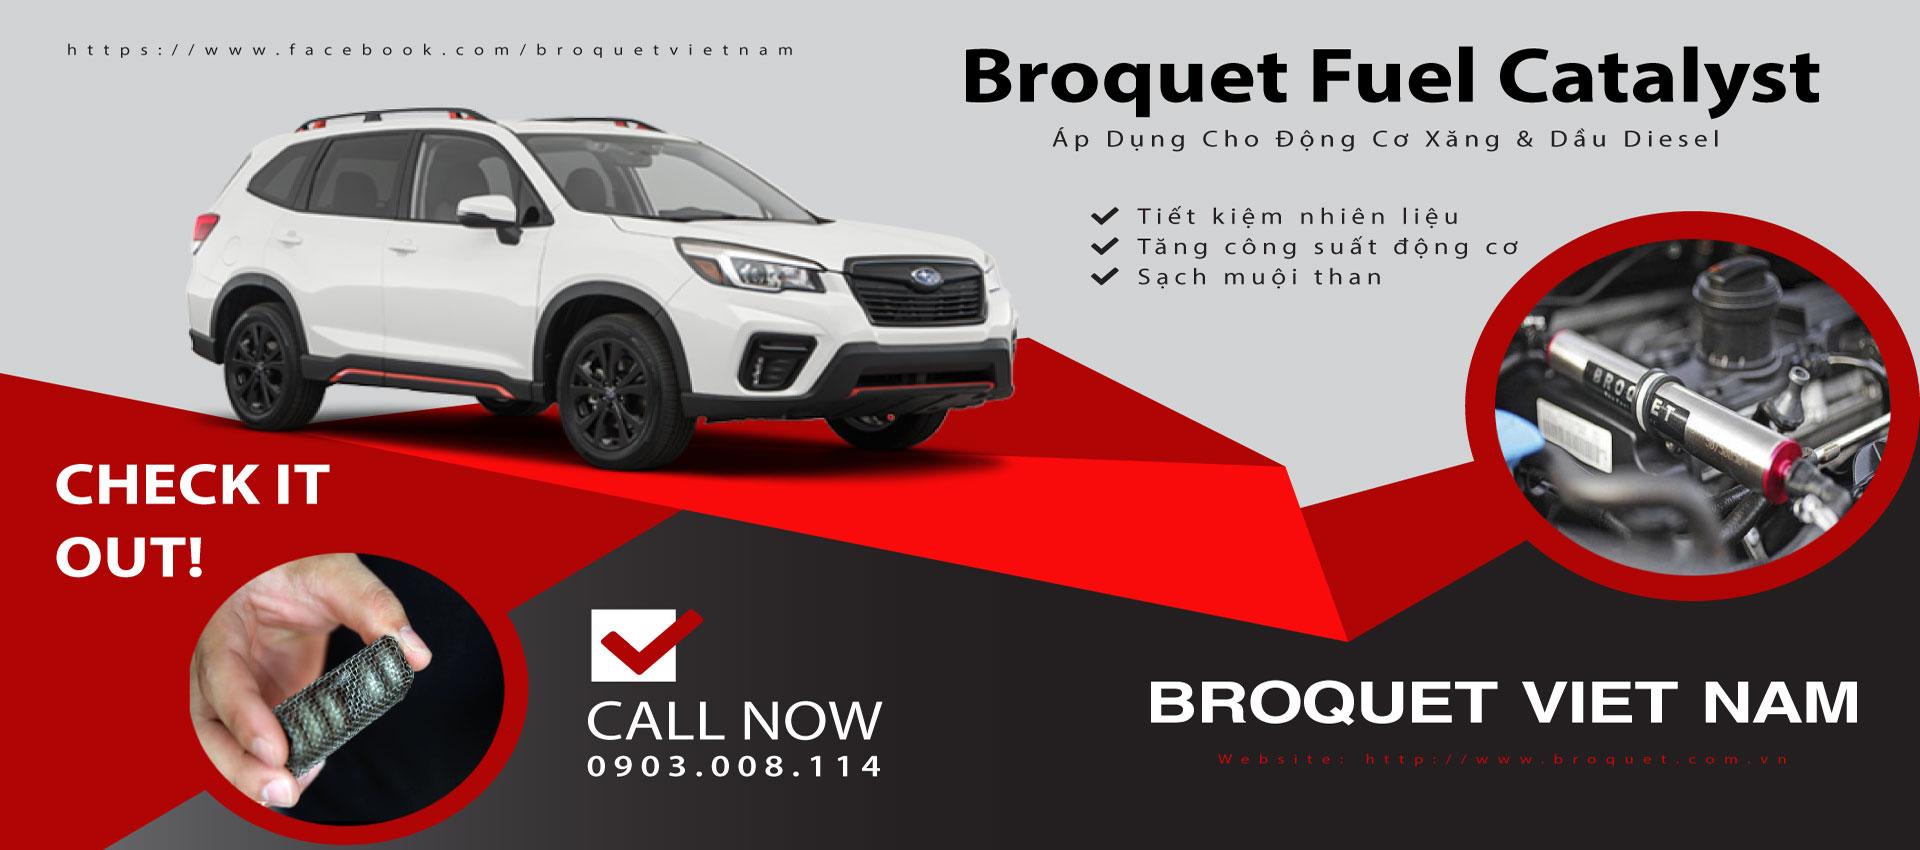 Broquet - Chất xúc tác nhiên liệu Anh